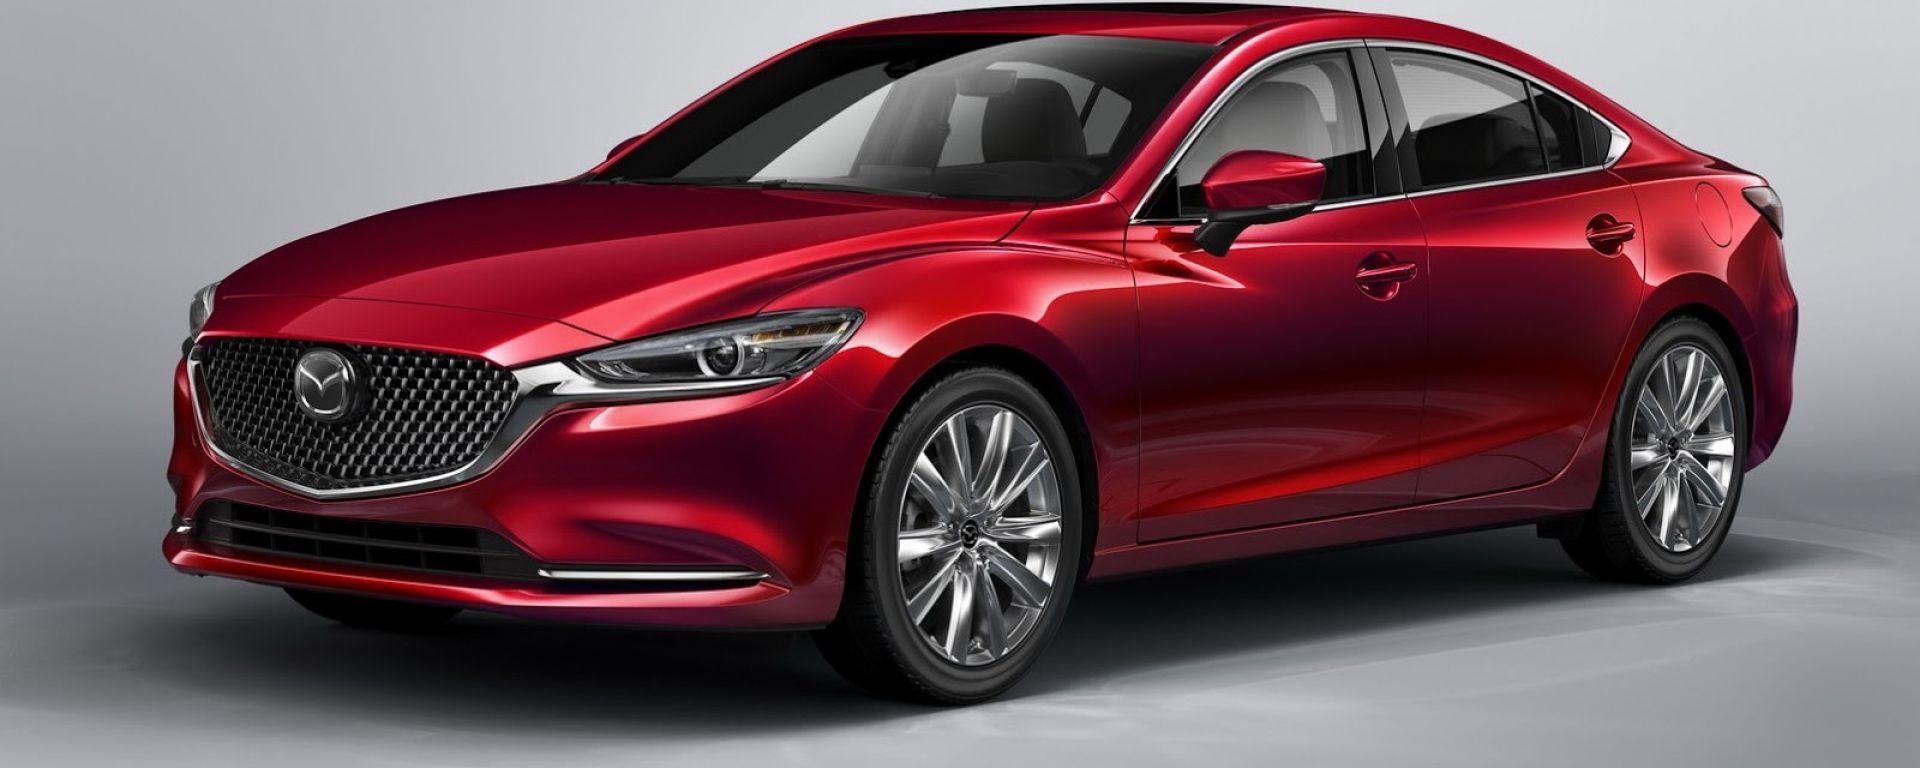 Nuova Mazda 6 2018: ecco come cambia